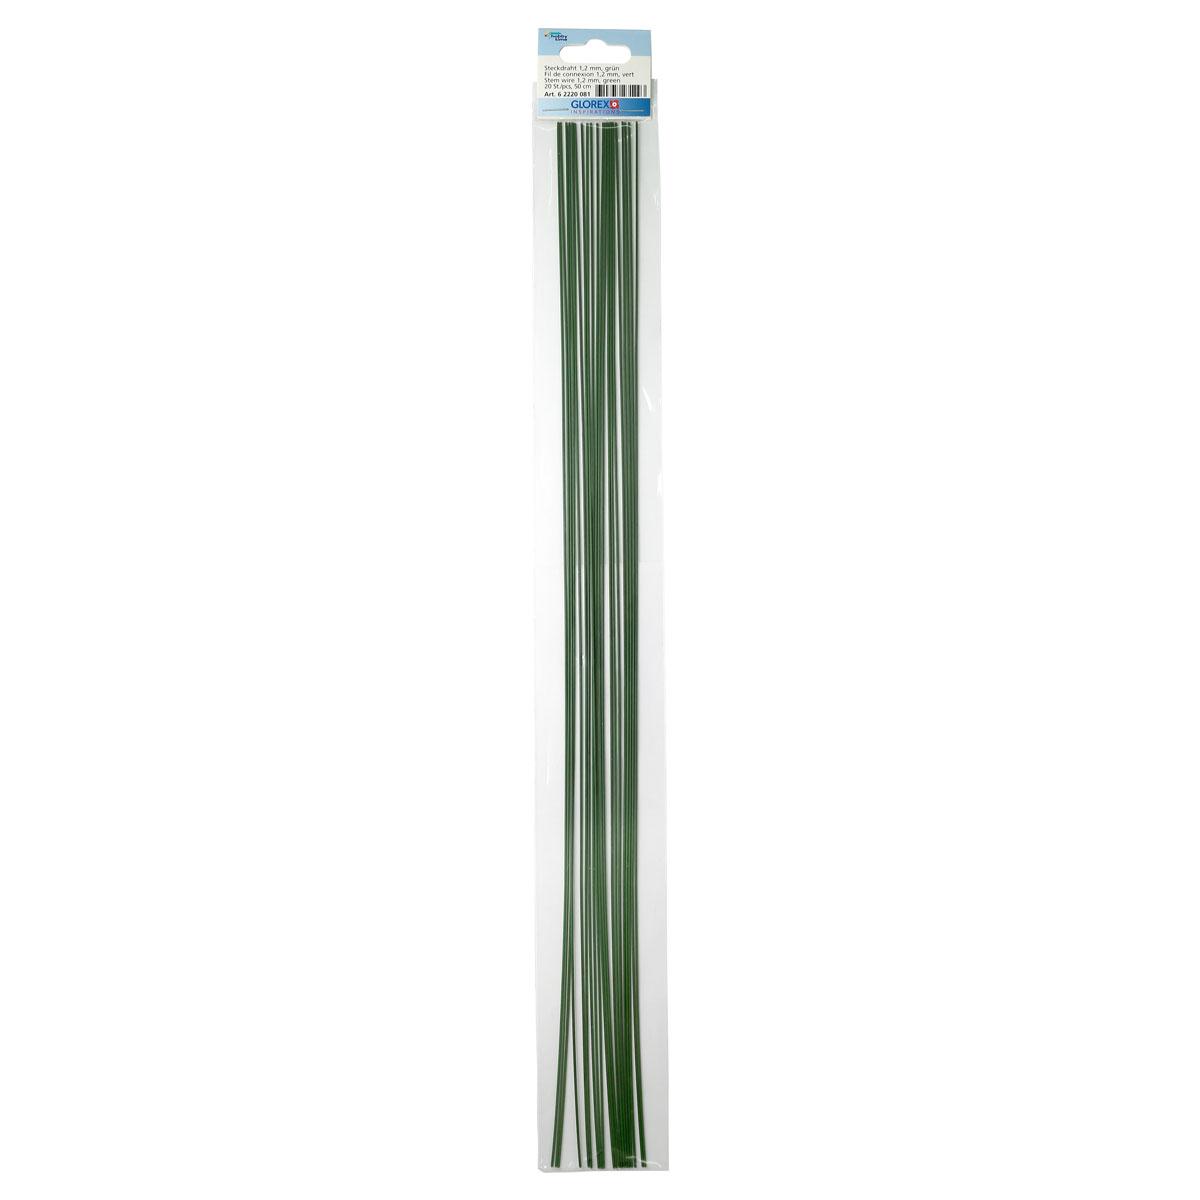 62220081 Проволока, зеленый цв. 1,20мм, 50см, 20шт Glorex